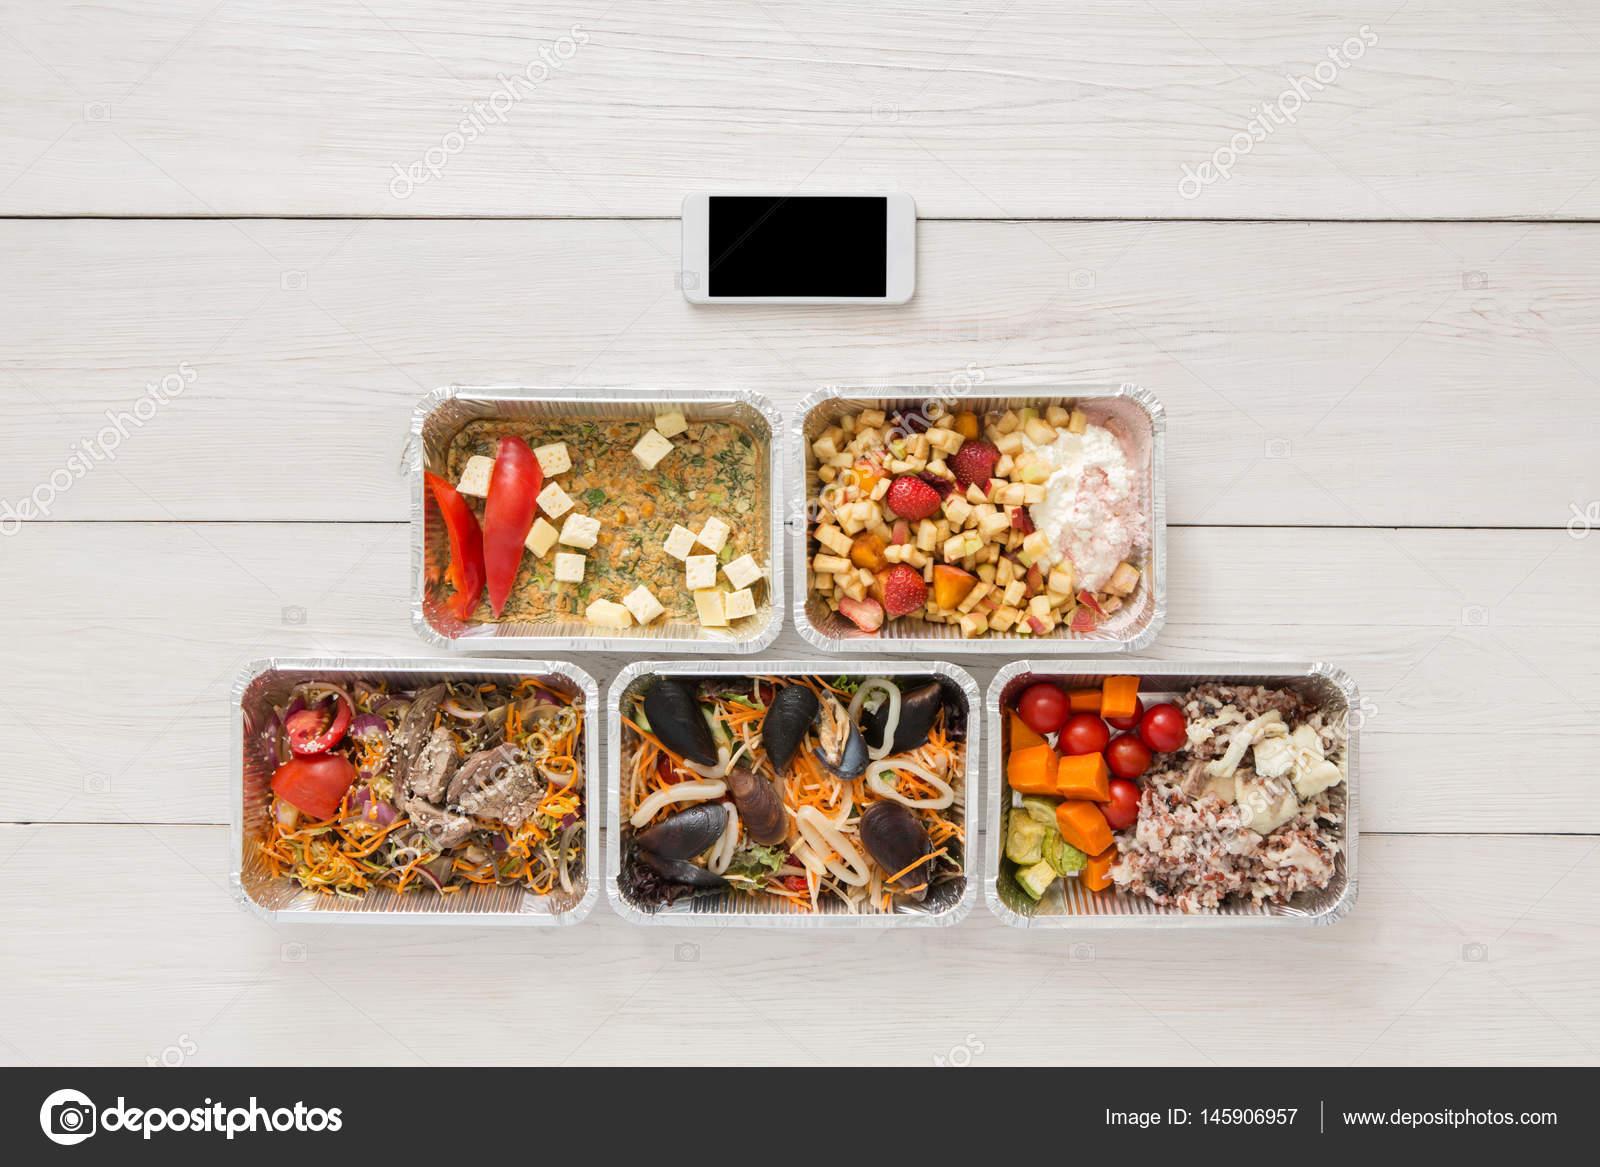 Gesundes Essen Online Bestellen In Boxen Draufsicht Auf Holz